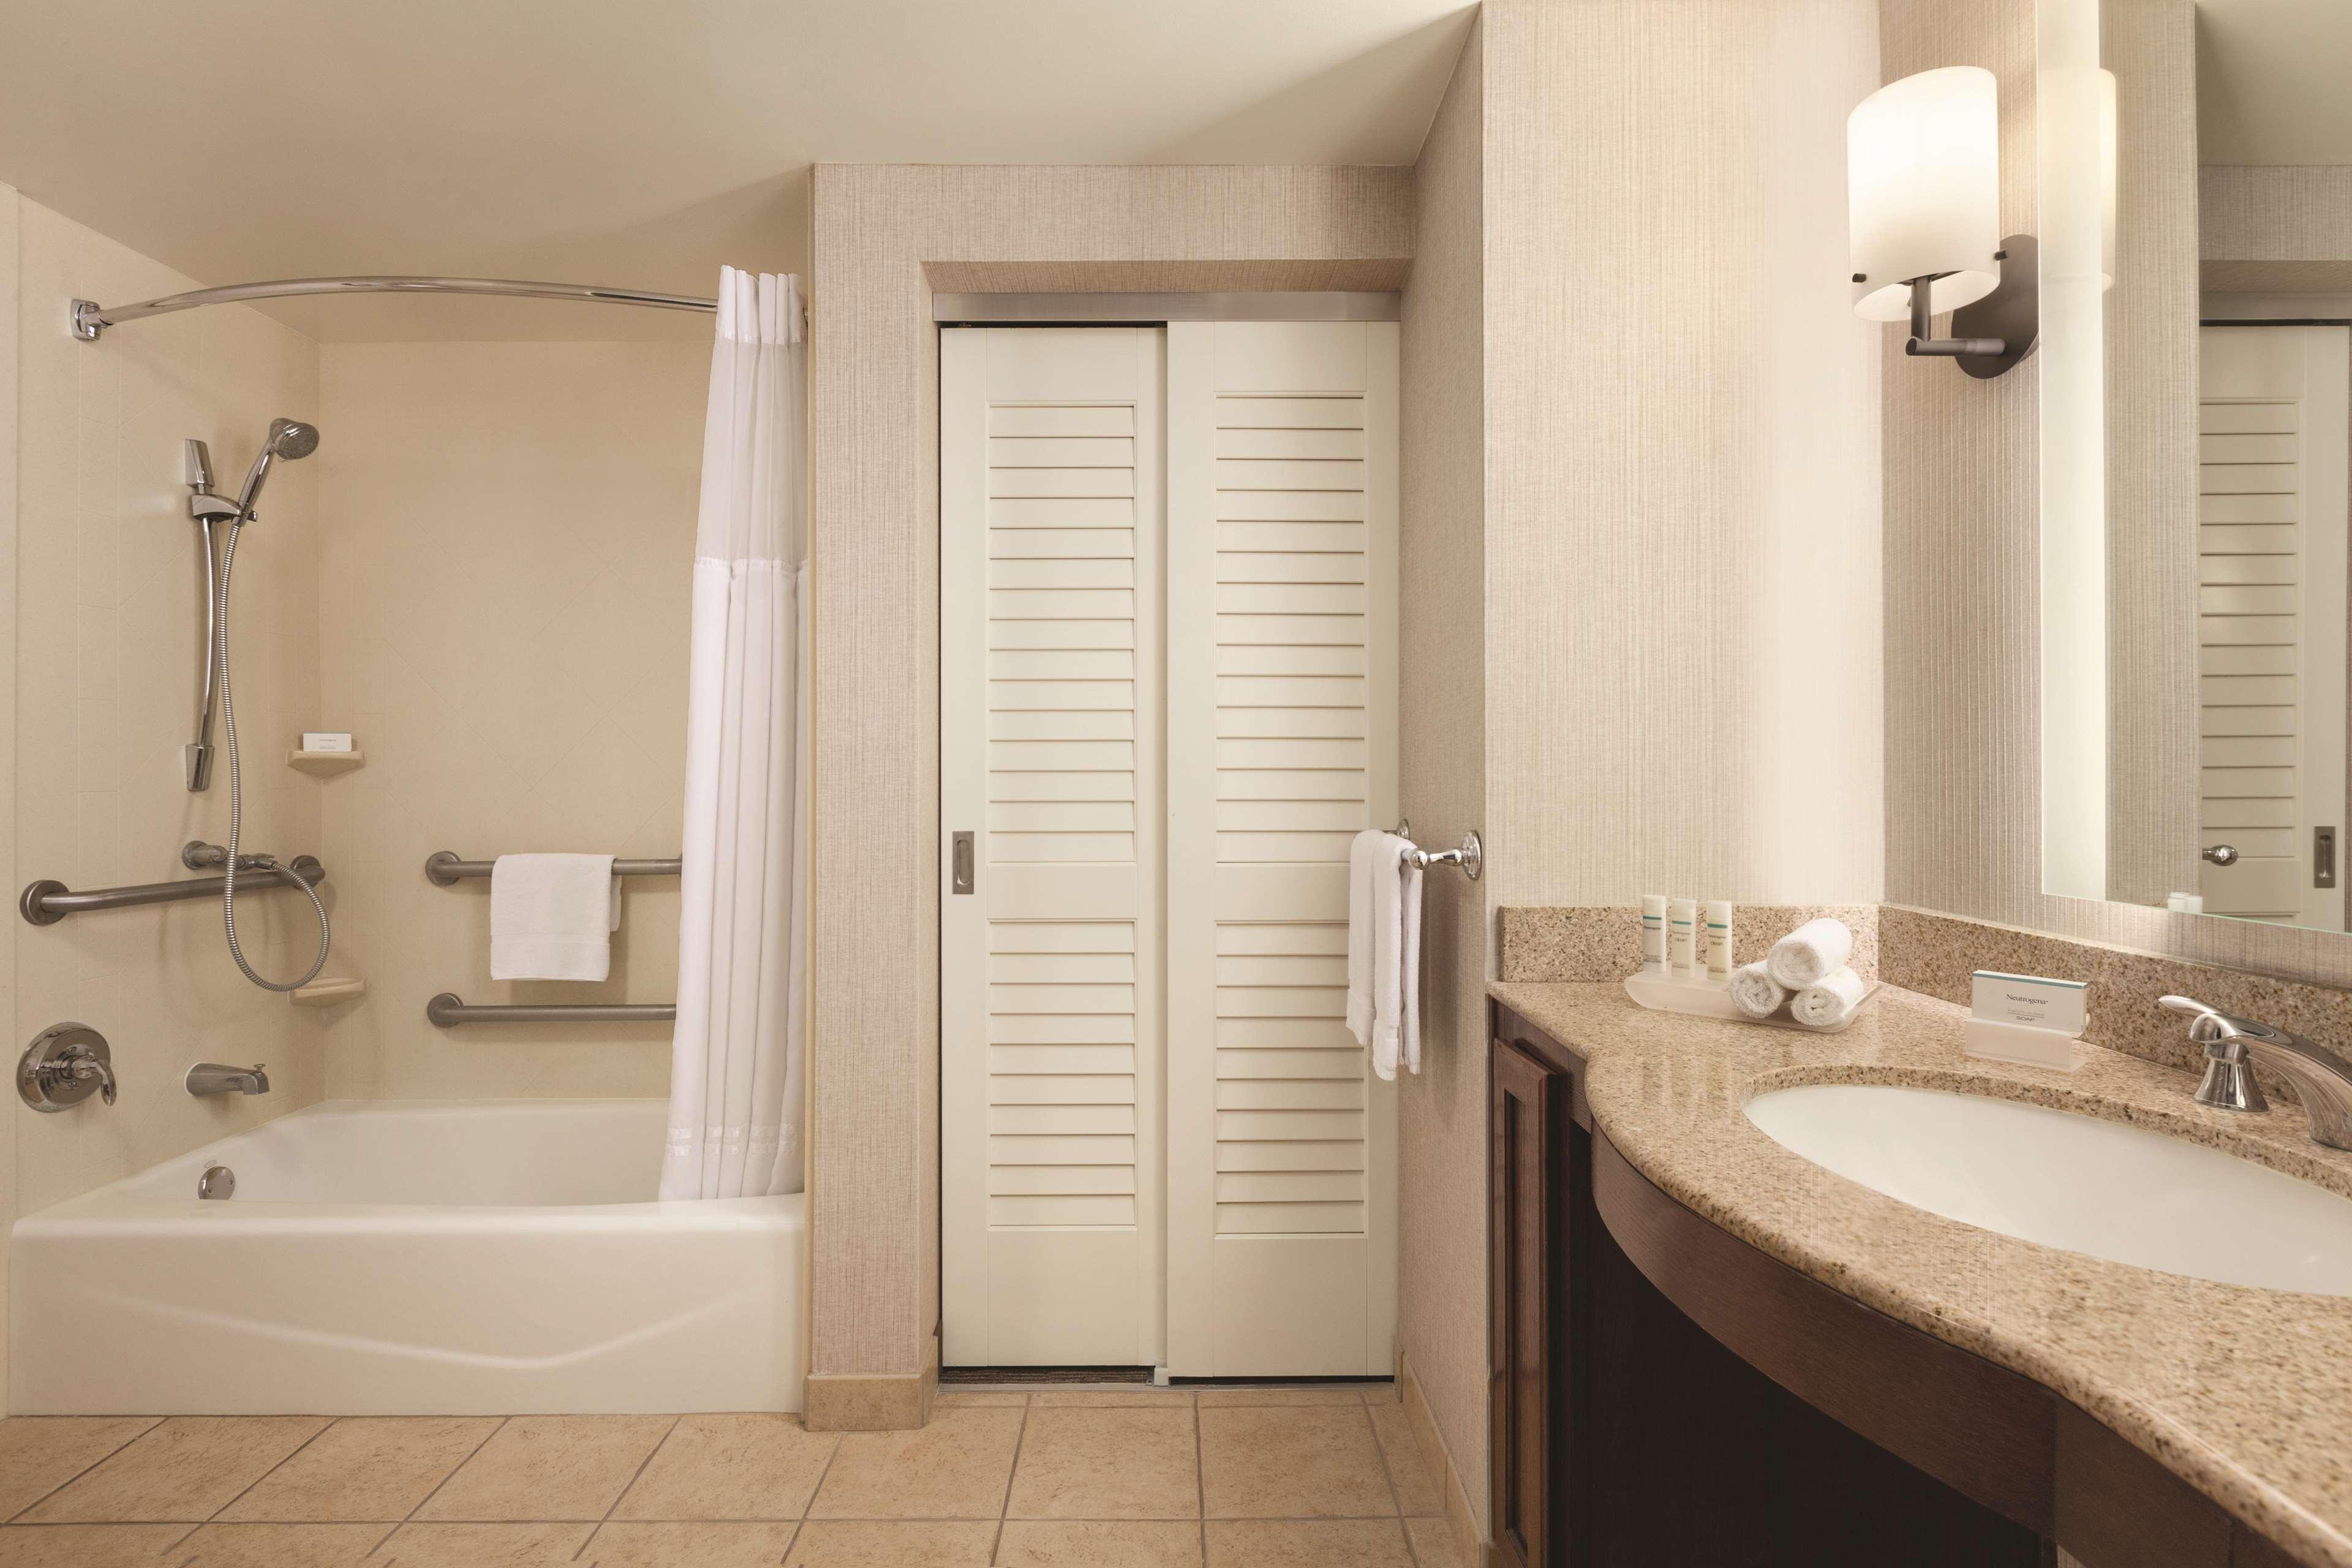 Homewood Suites by Hilton La Quinta image 26